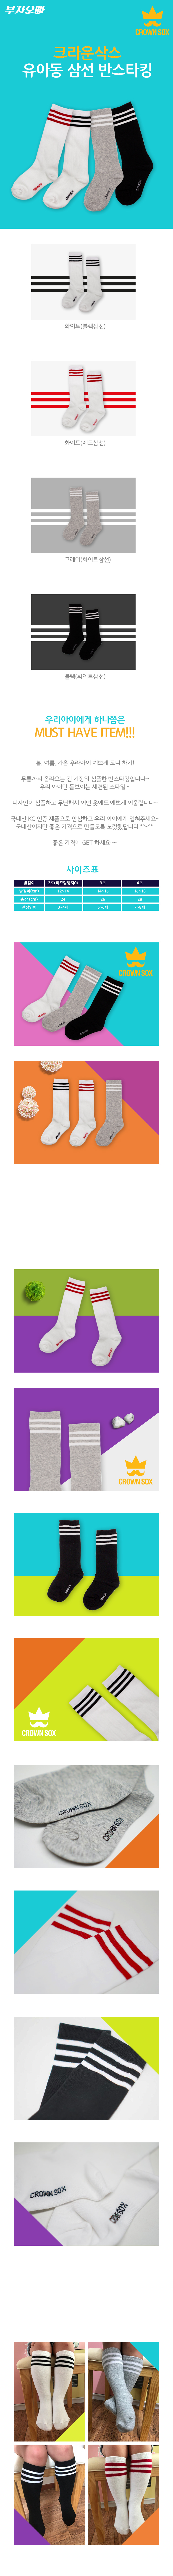 크라운삭스 유아동 삼선 반스타킹 유아긴양말 - 부자오빠, 3,900원, 하의, 레깅스/스패츠